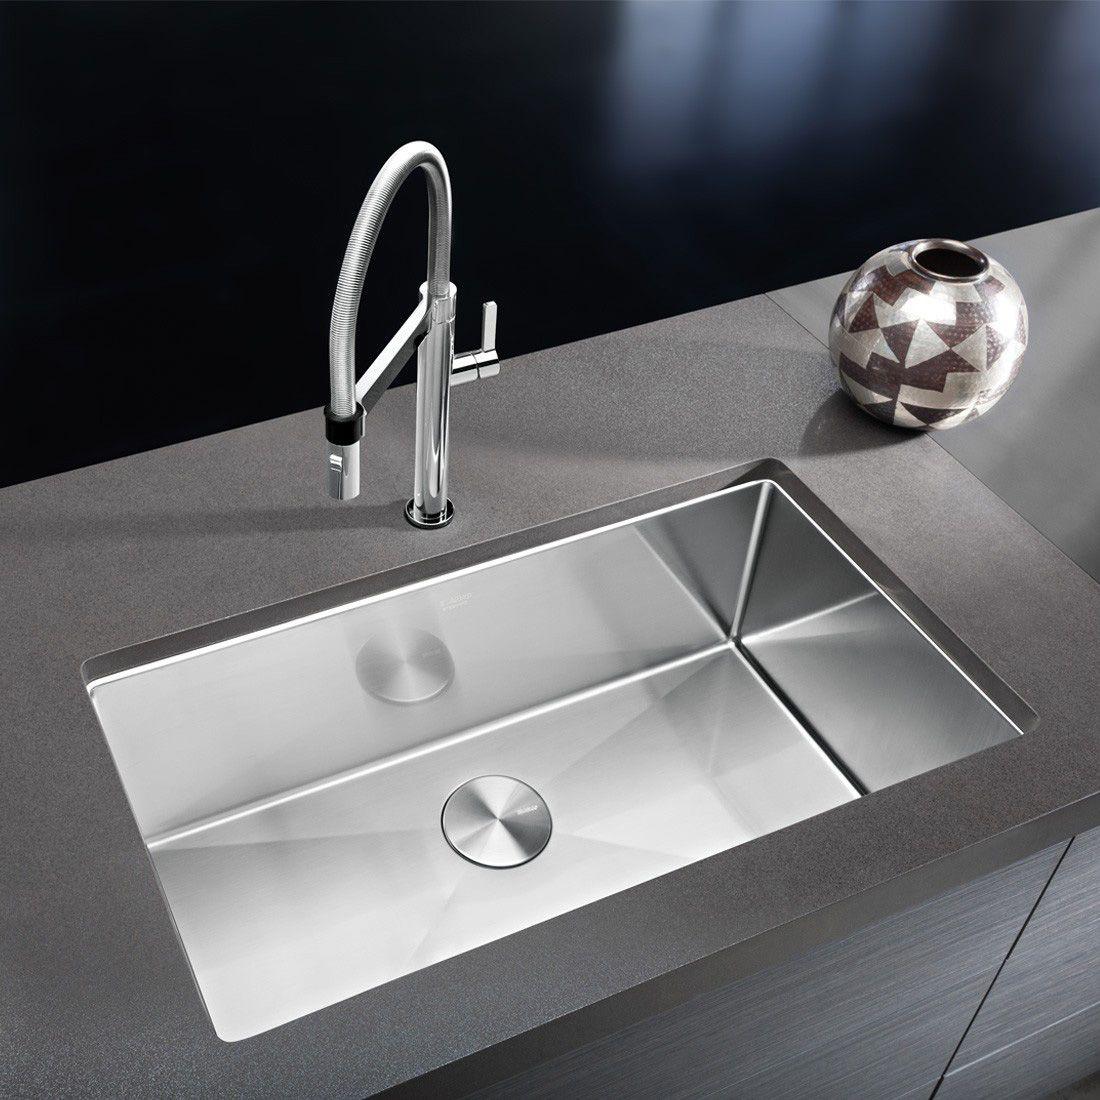 Stainless Steel Sinks in the Kitchen | Modern kitchen sinks, Sinks ...